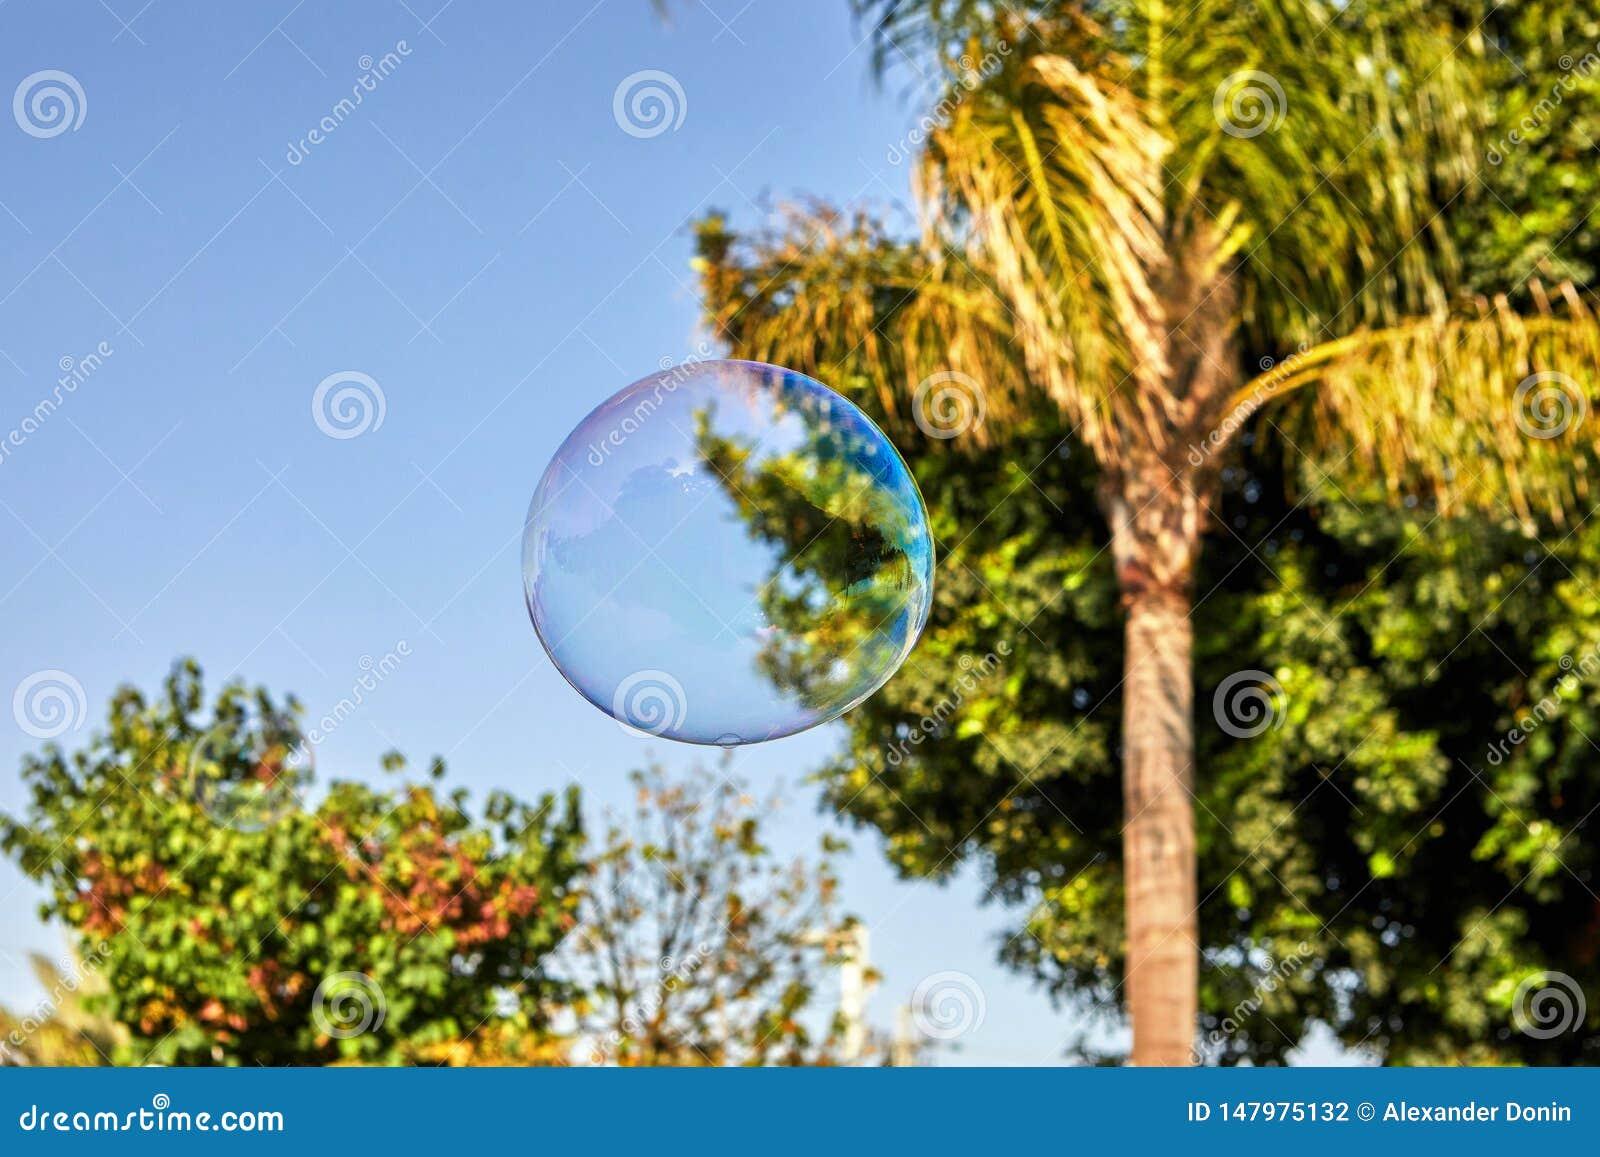 Die Seifenblase fliegt gegen die blauer Himmel- und Palmen